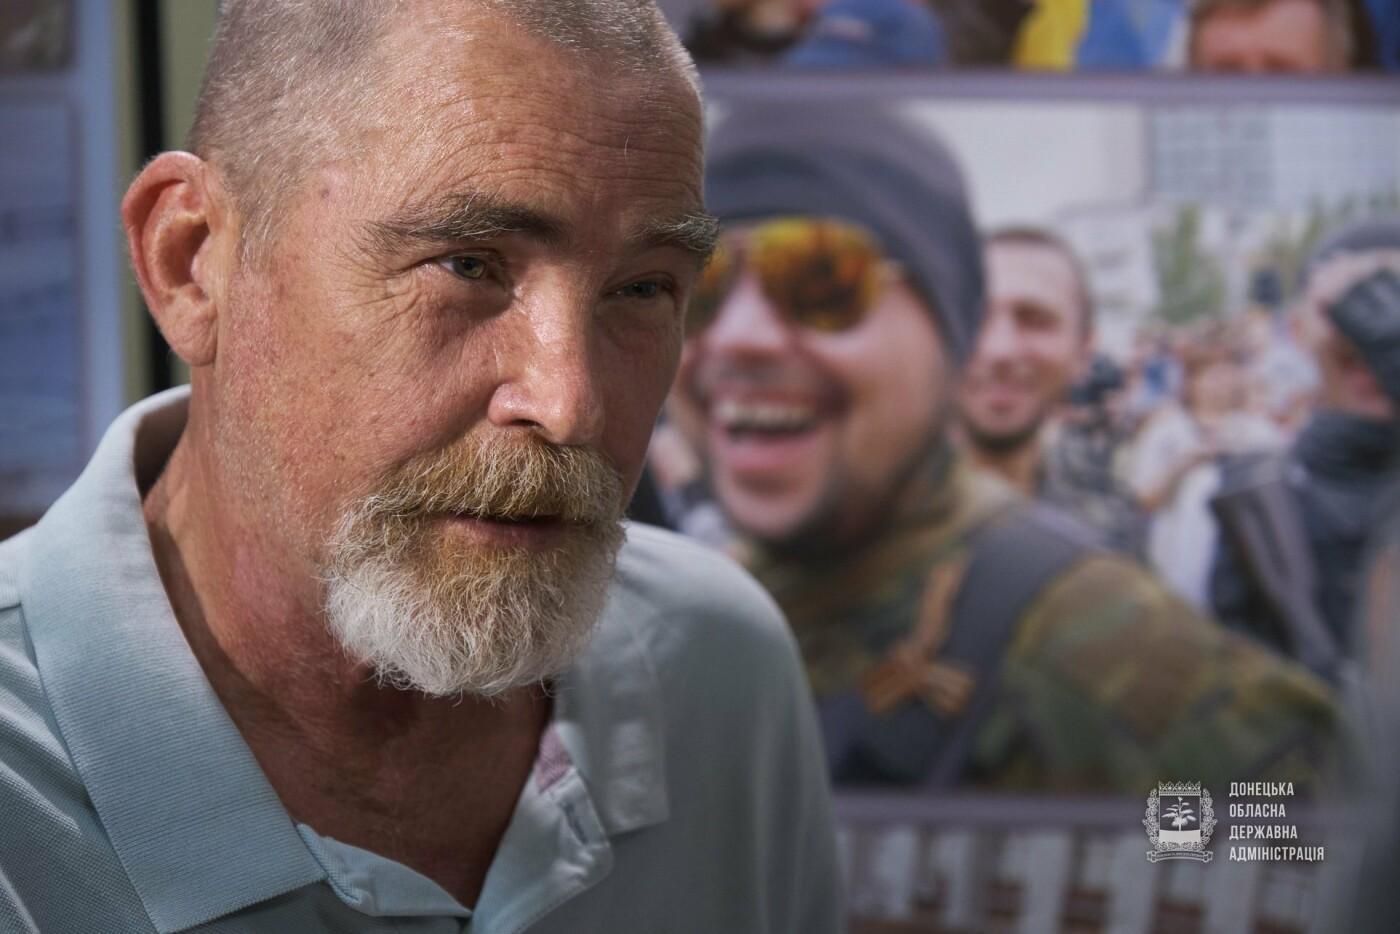 Известный донецкий фоторепортер издал книгу «Летопись российско-украинской войны», - ФОТО, фото-5